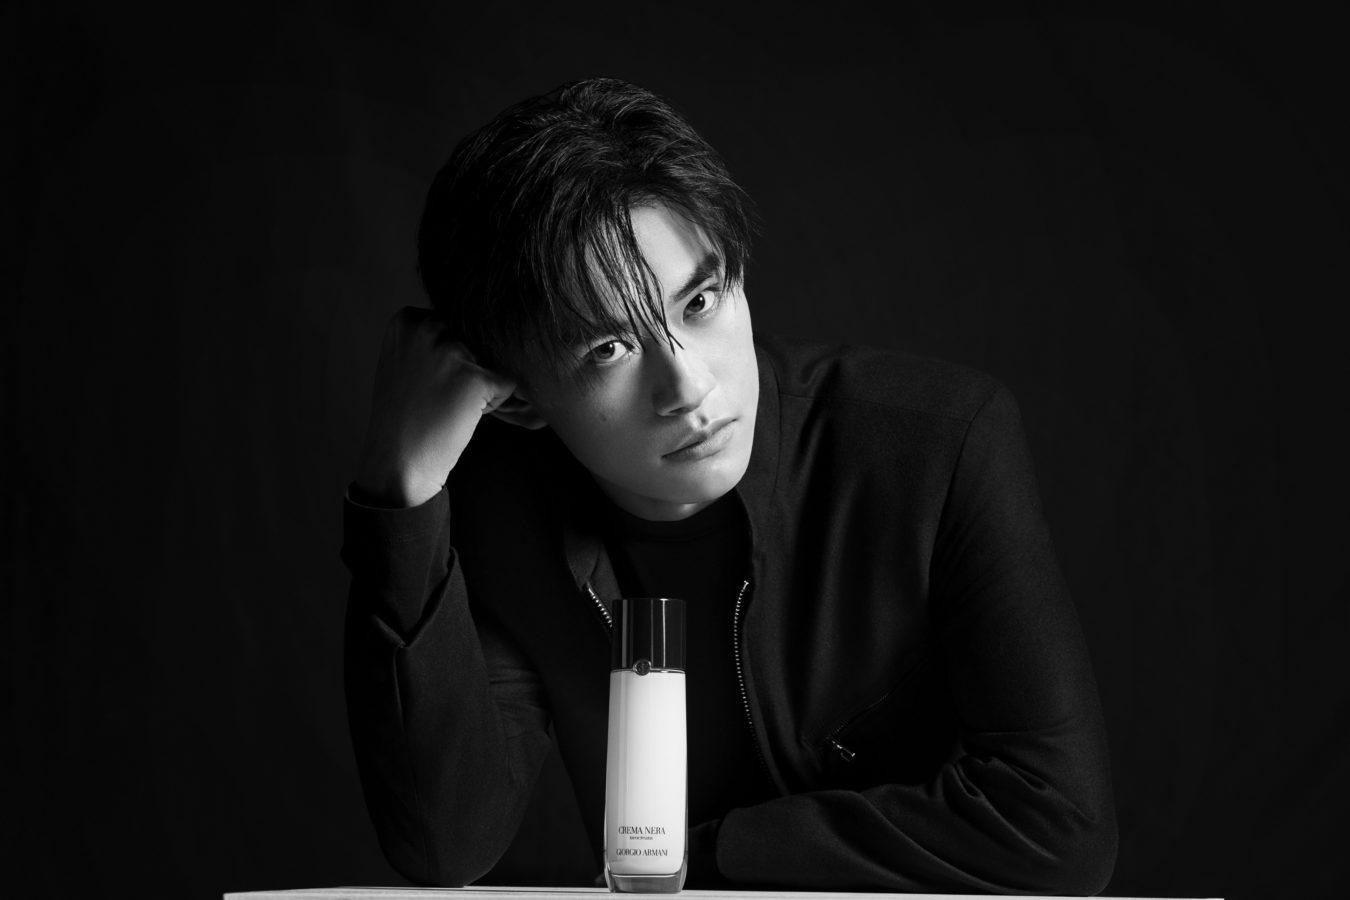 Jackson Yee as Giorgio Armani's New Global Makeup and Skincare Ambassador